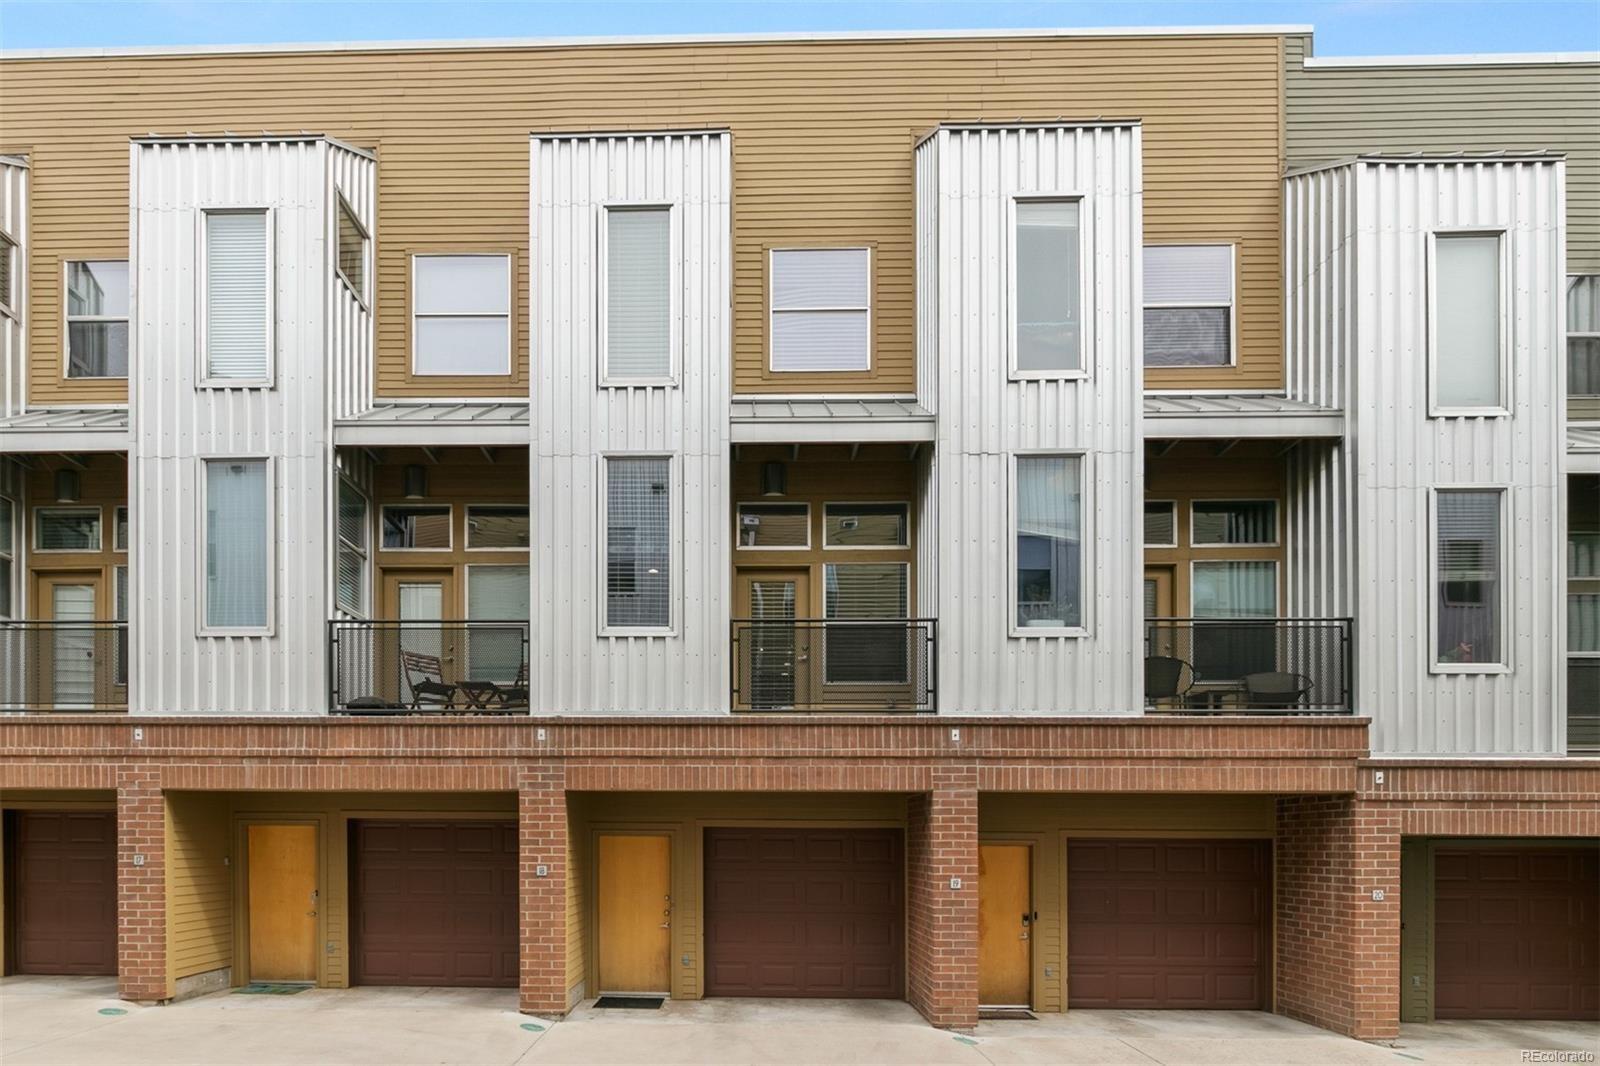 MLS# 2004221 - 2 - 2680 Blake Street #18, Denver, CO 80205